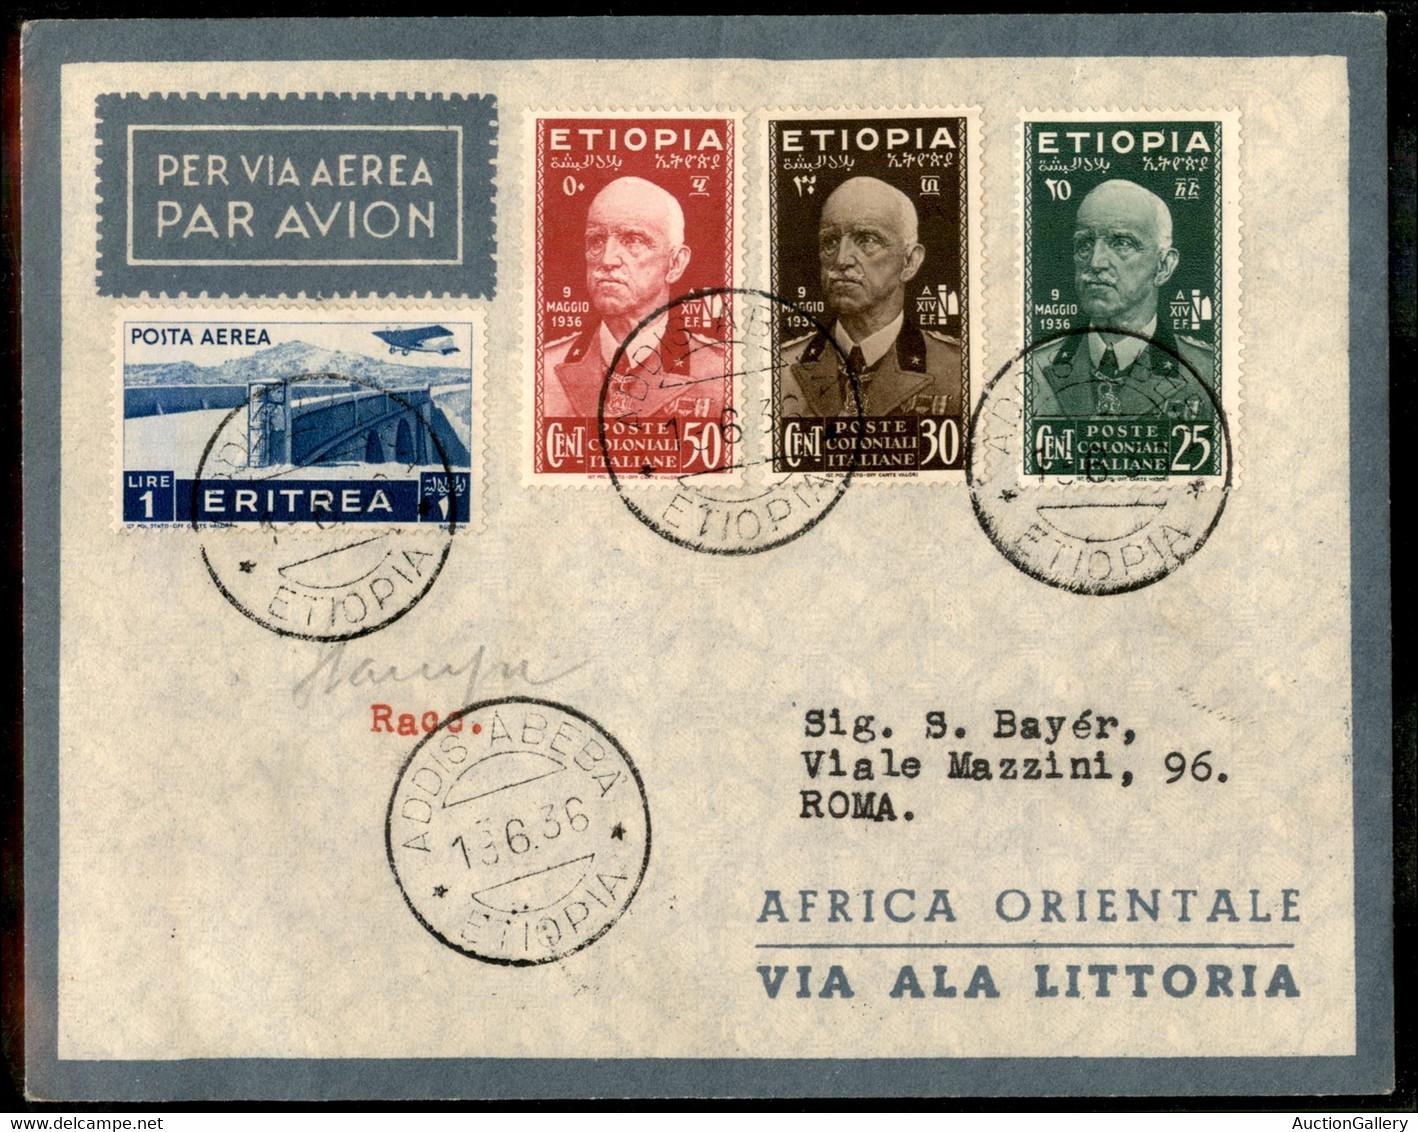 AEROGRAMMI - PRIMI VOLI - 1936 (18 Giugno) - Addis Abeba Roma - Longhi 3571 - Ala Littoria - Primo Volo - 10 Volati - No - Non Classificati